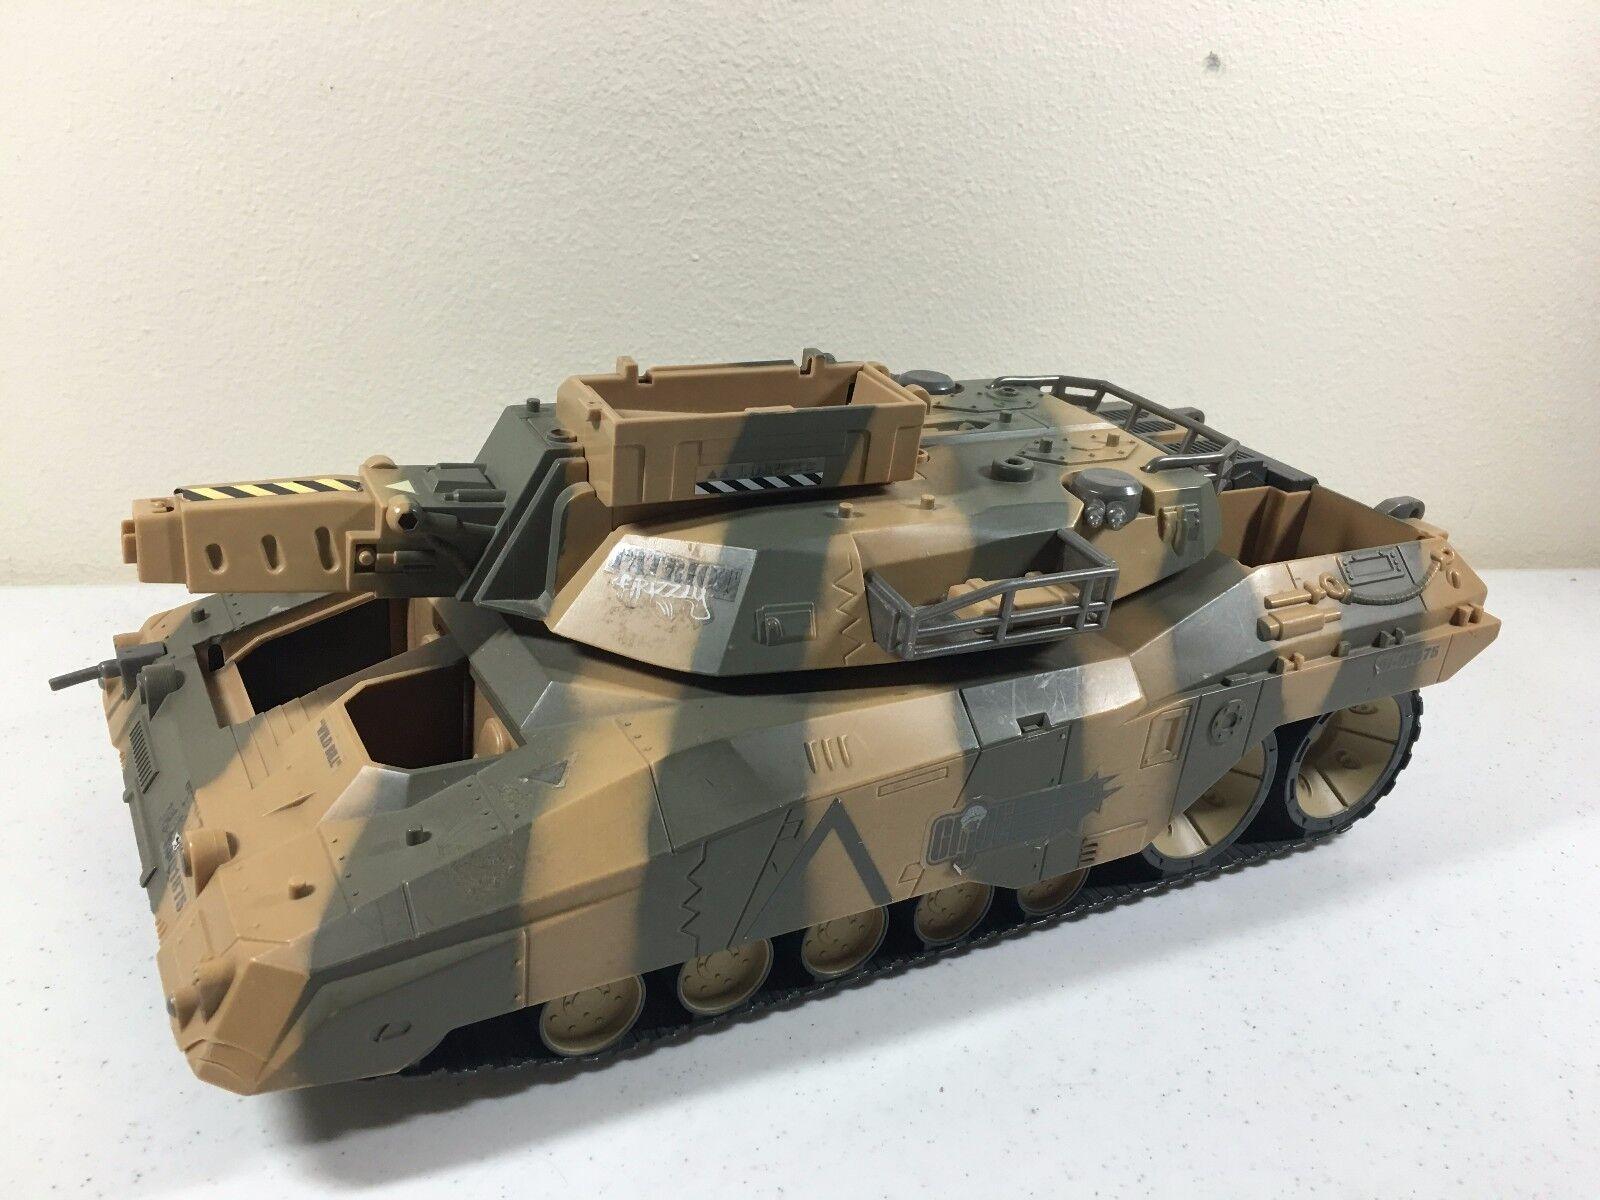 GI Joe Patriot Grizzly Tank Spytroops 2003